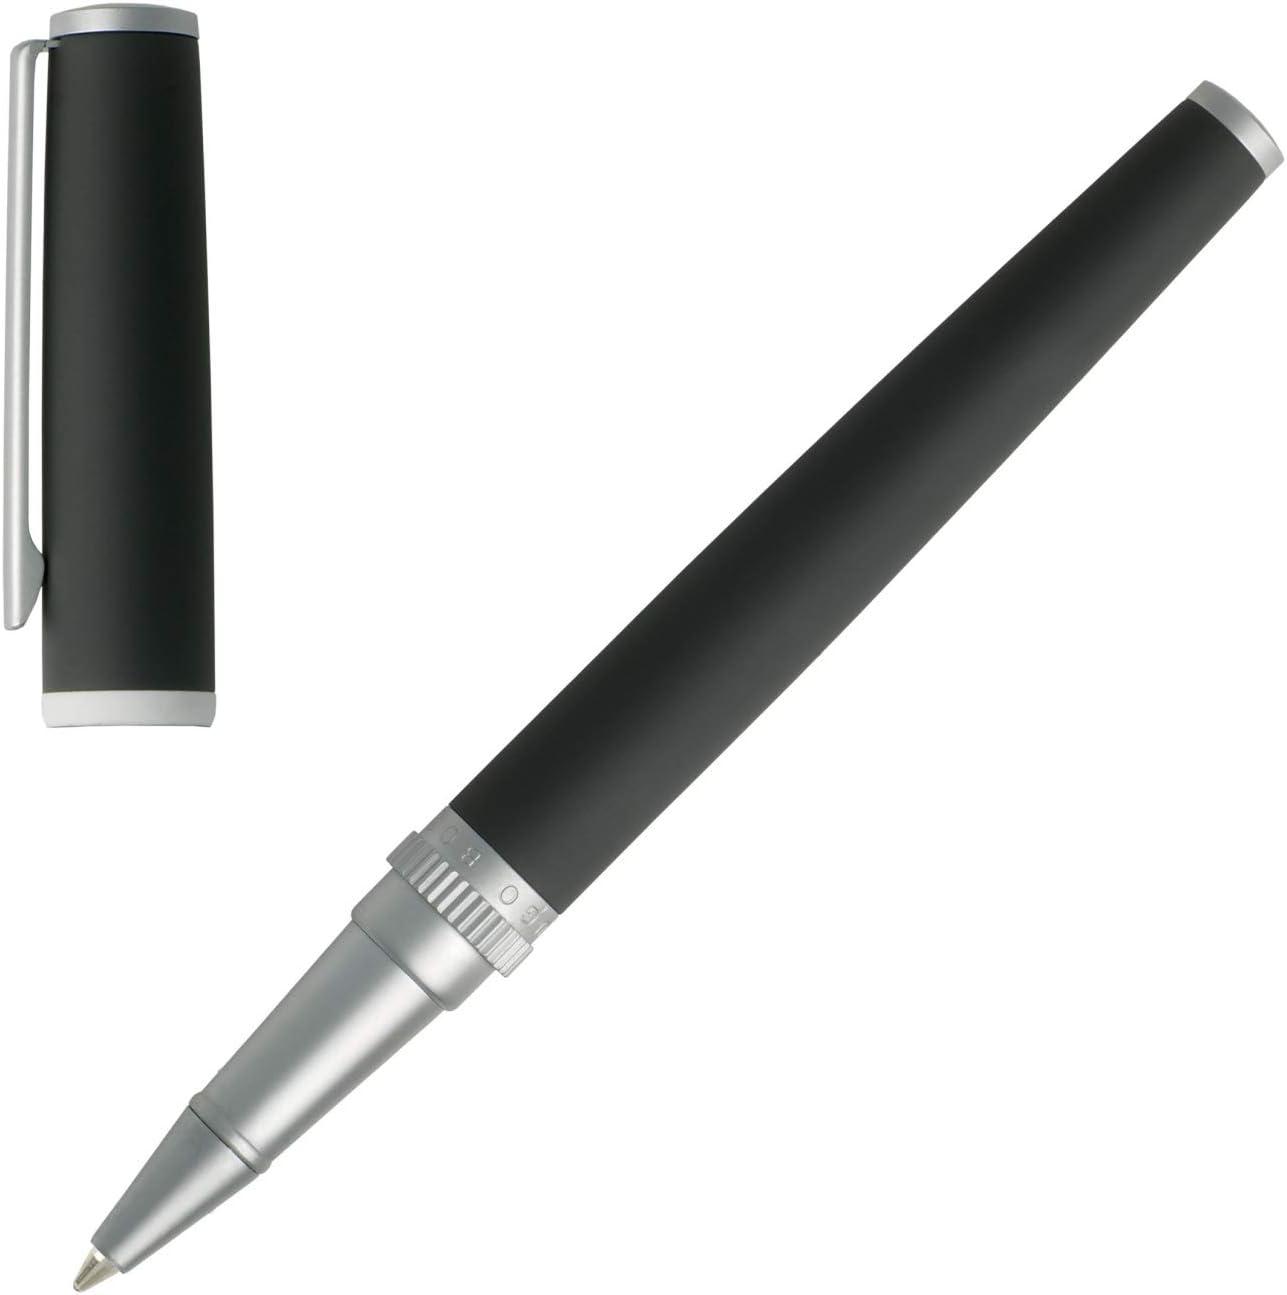 Black Hugo Boss HSG8024A Gear Ballpoint Pen